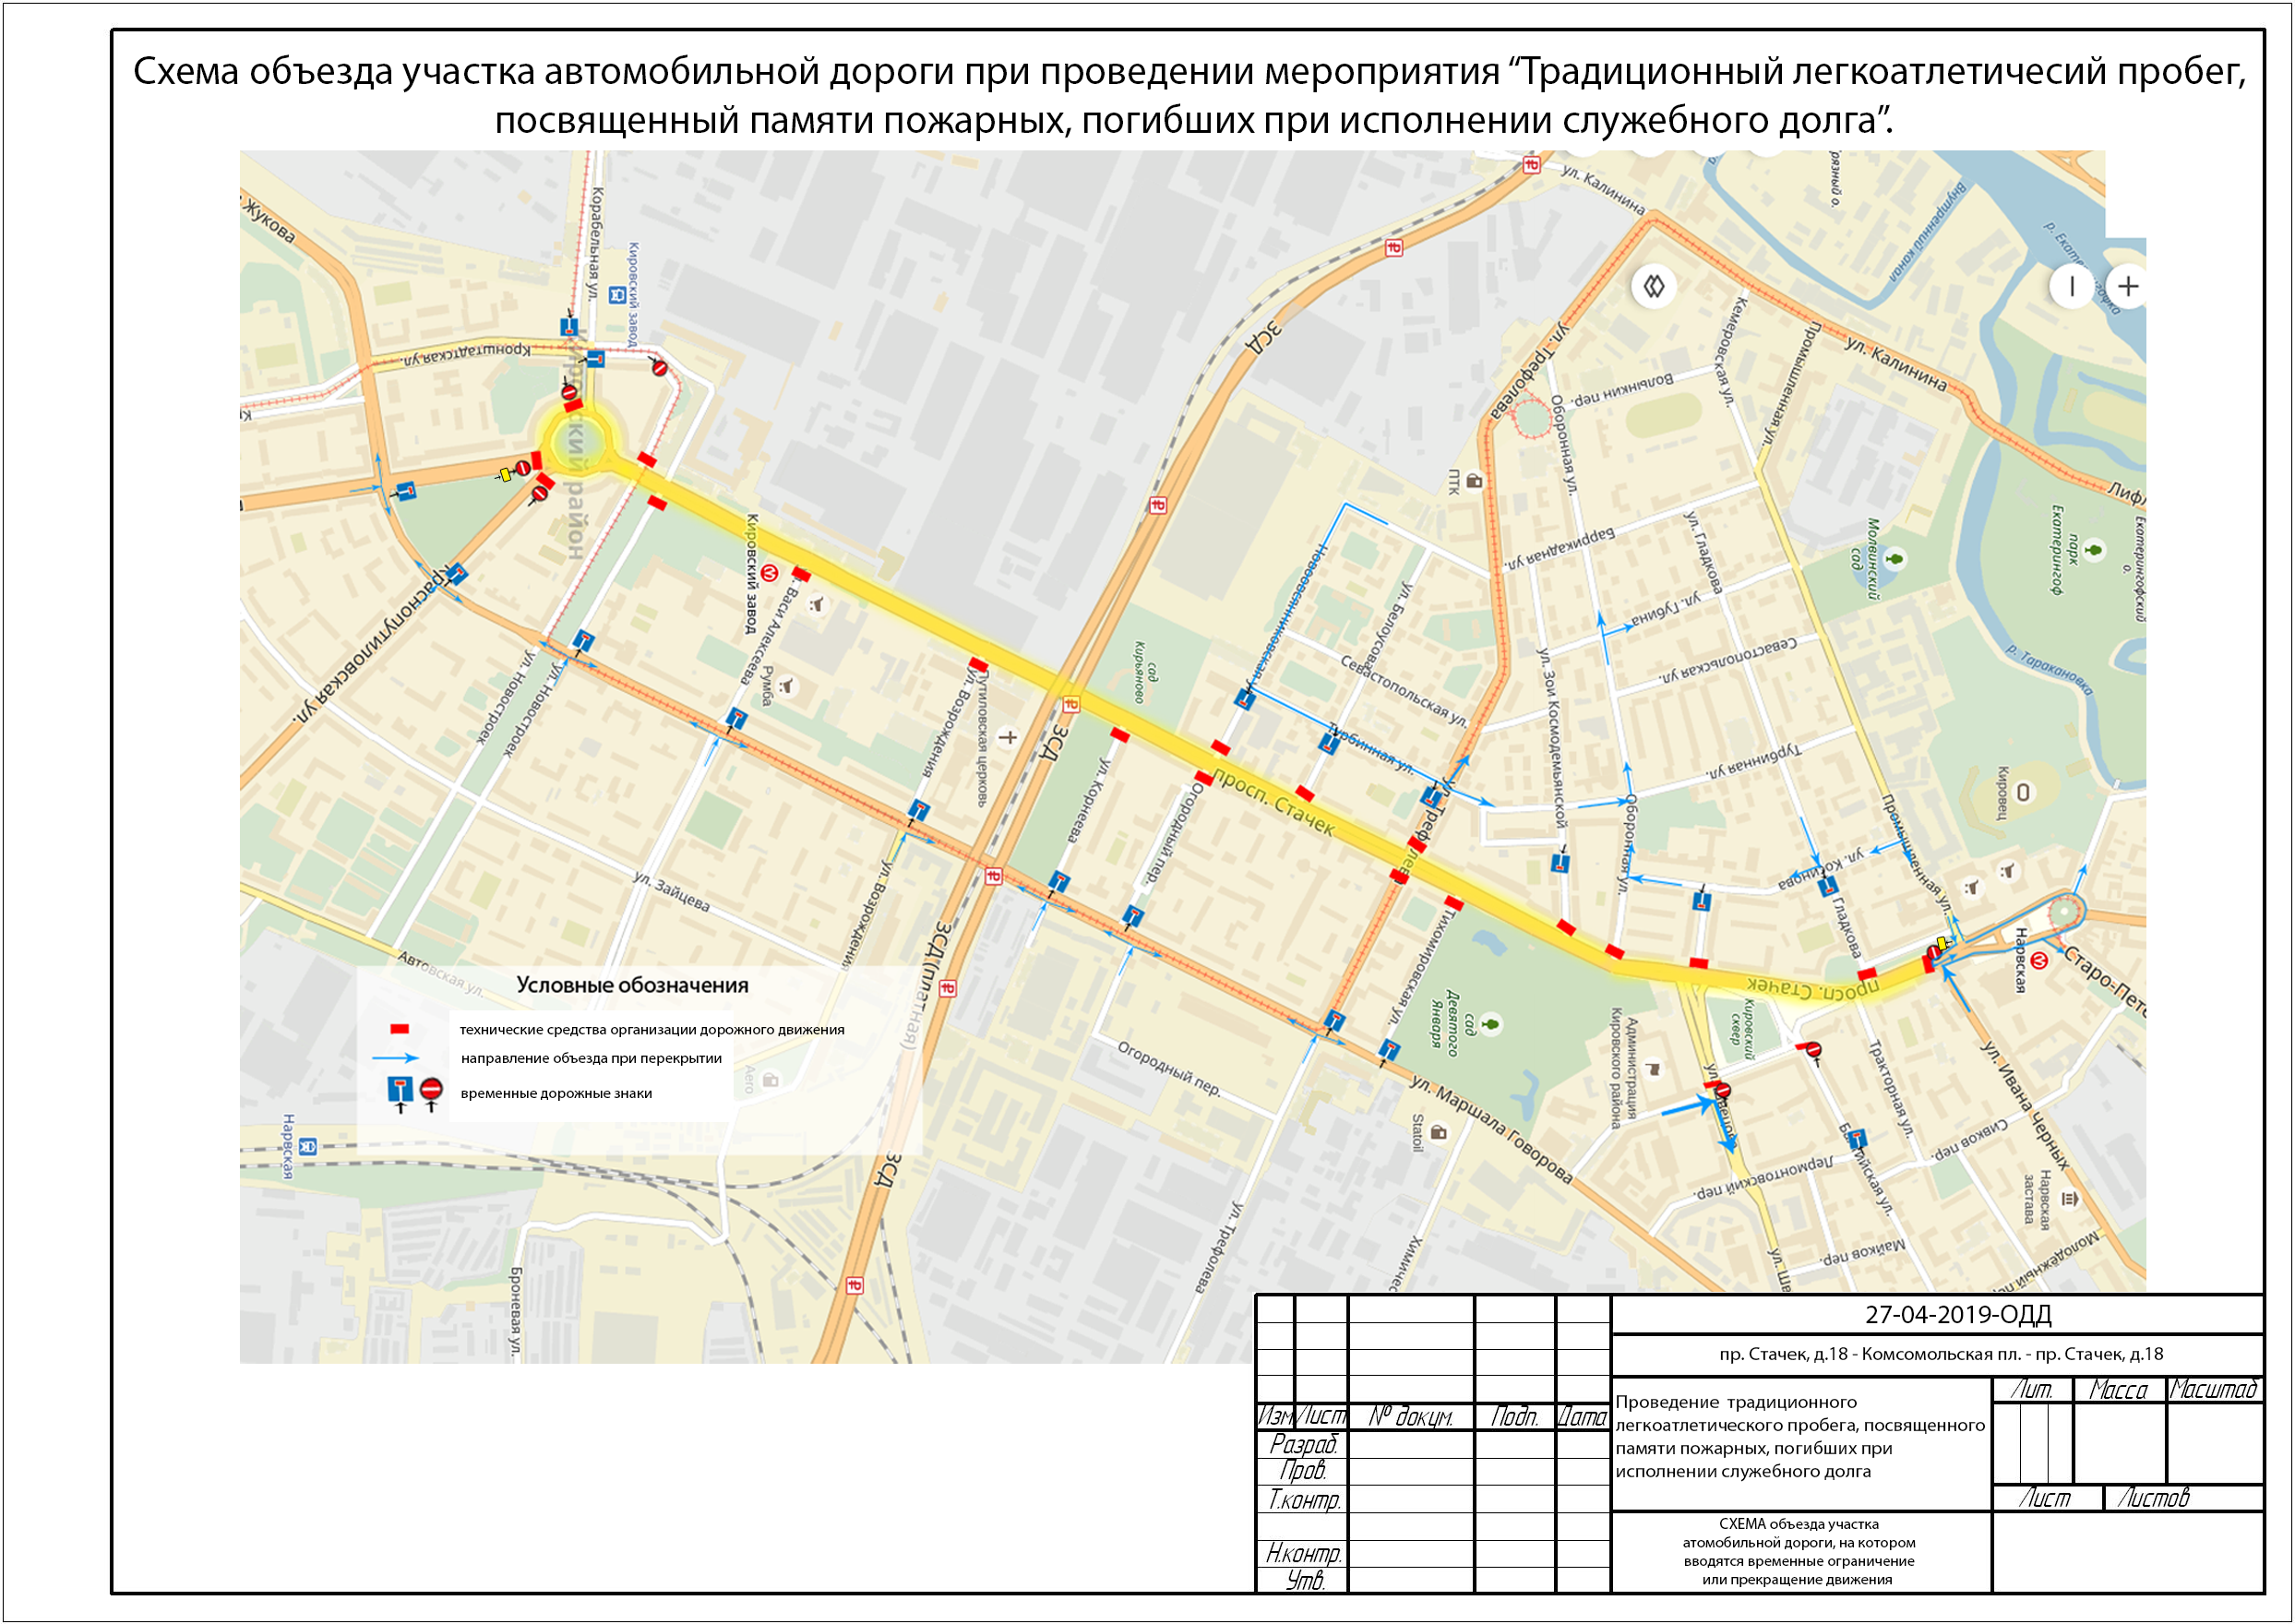 На Суворовском ограничат проезд ради торжественного проезда, а Стачек перекроют для бегунов (Иллюстрация 2 из 2) (Фото: КРТИ Санкт-Петербурга)